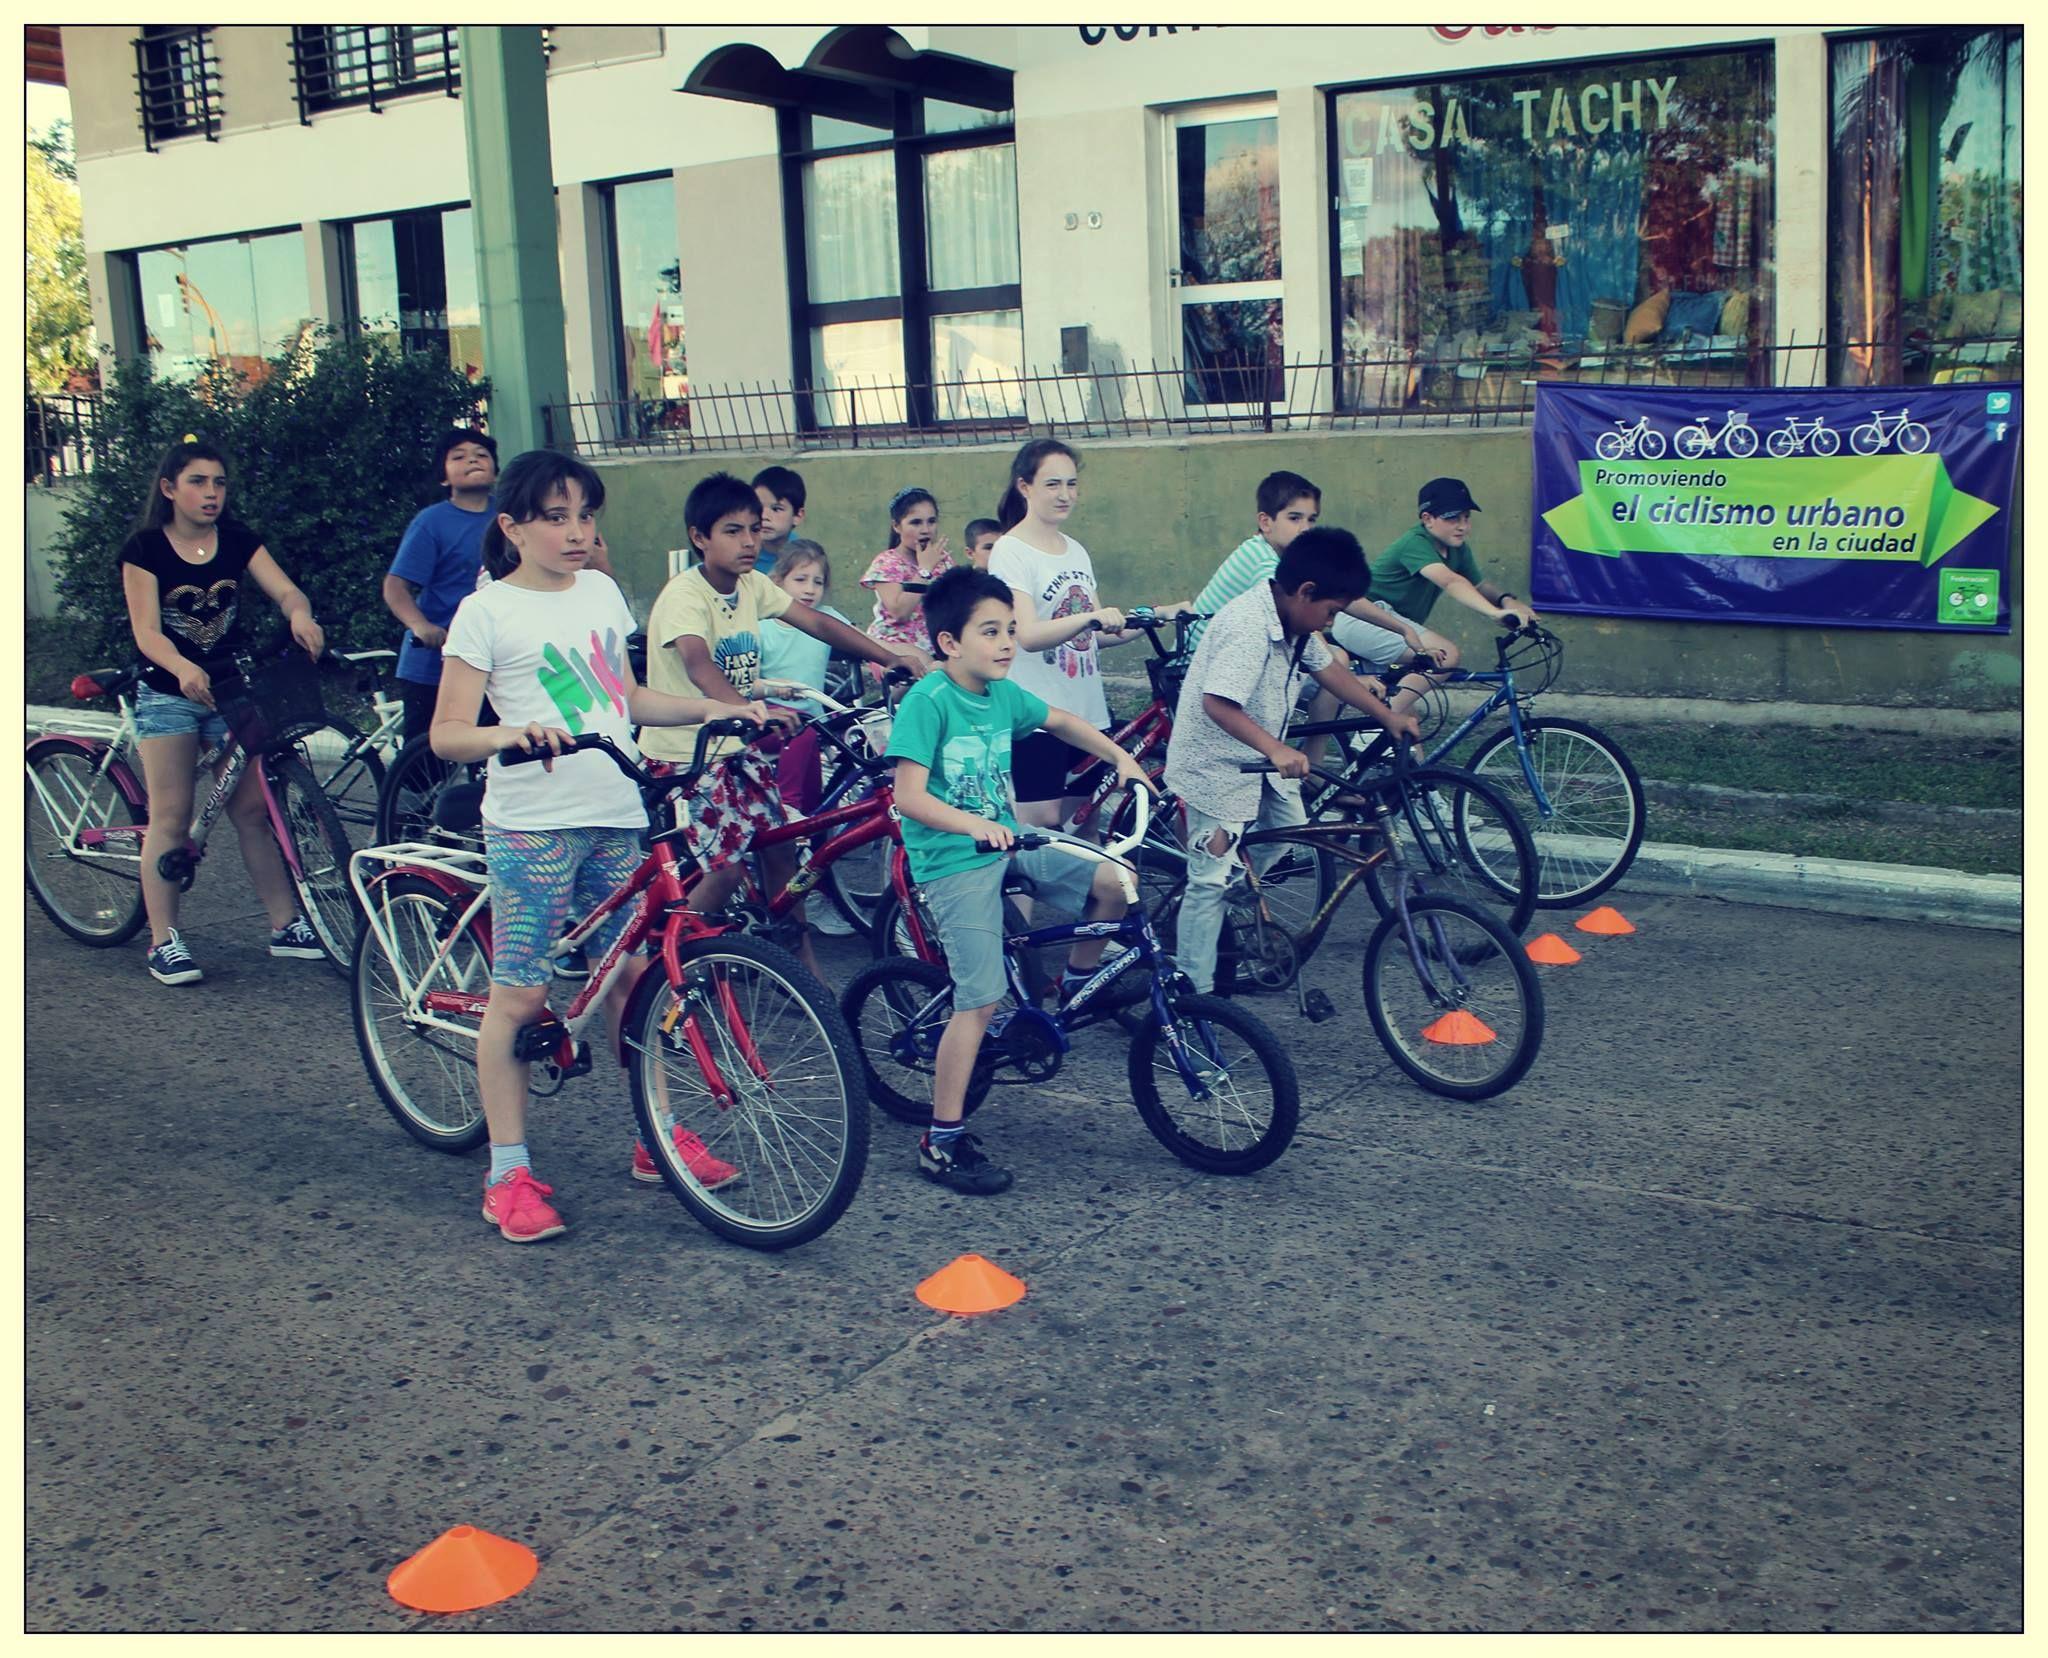 Federación en Bici organiza actividades para fomentar el uso de la bicicleta.